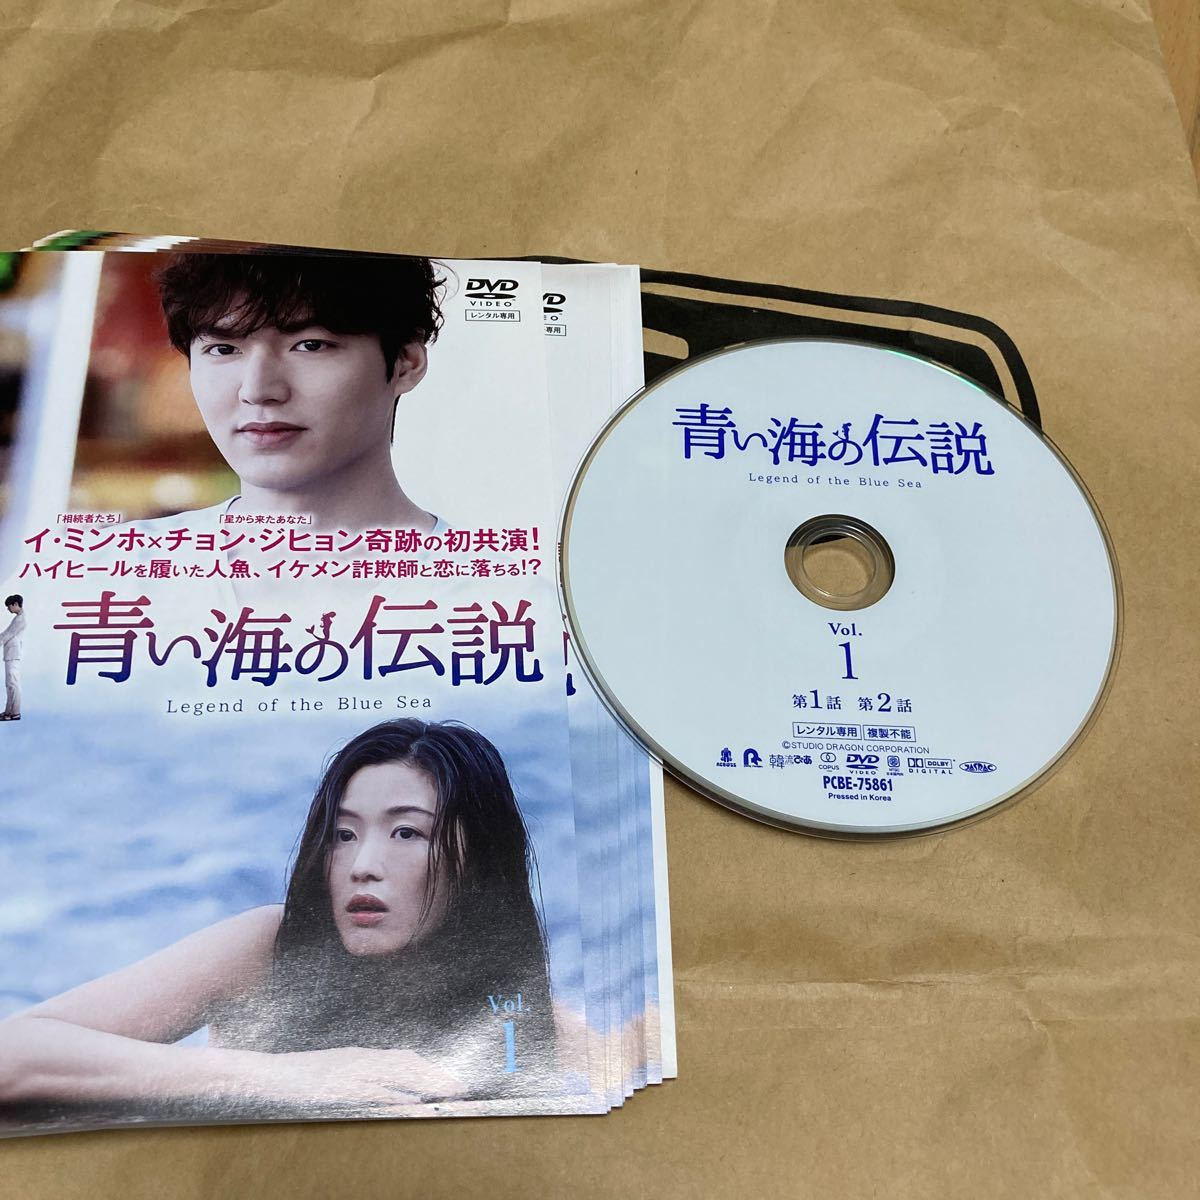 青い海の伝説 ★全巻セット DVD 韓国ドラマ★レンタル落ち品★イミンホ★チョンジヒョン